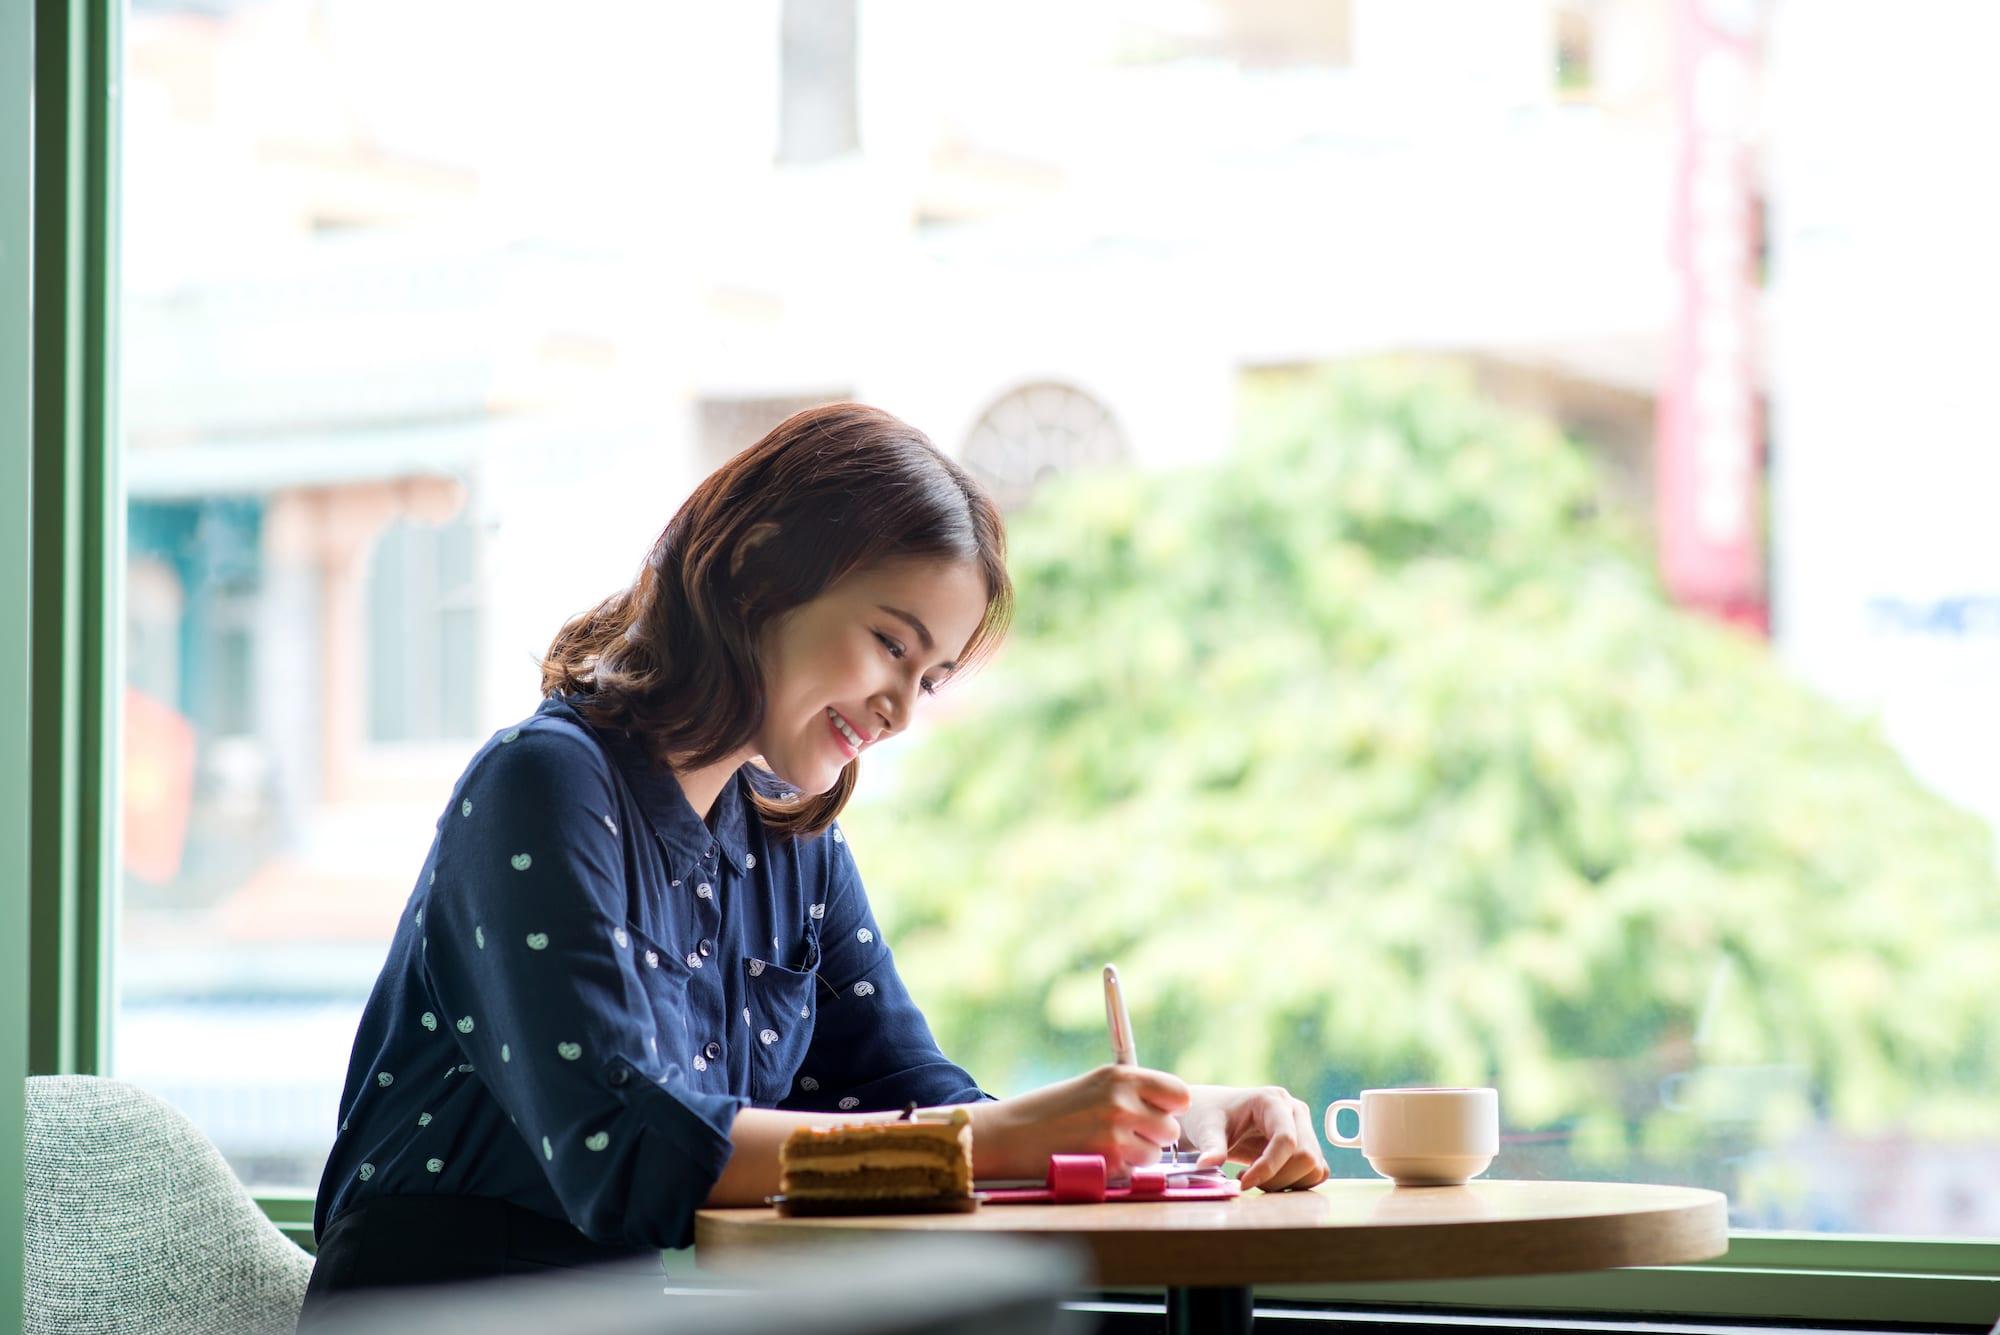 6 Điều cần biết để việc viết lách trở nên dễ dàng hơn